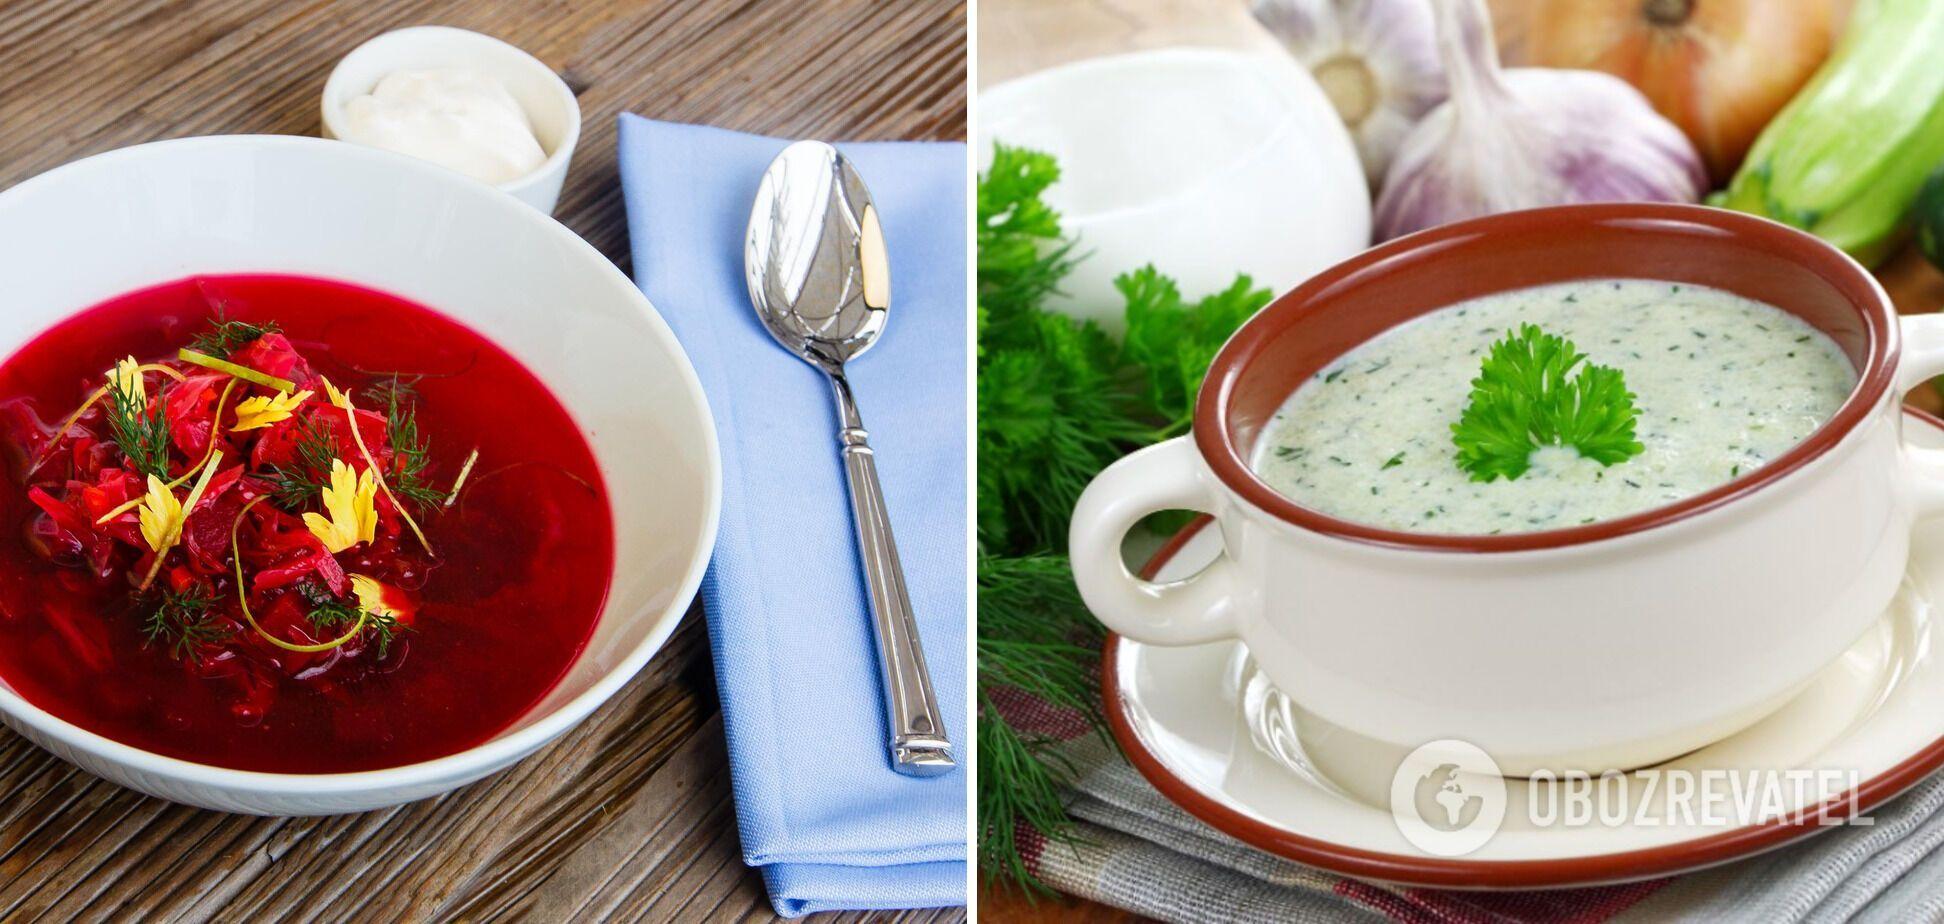 Літні супи: зберігаємо форму легко і зі смаком